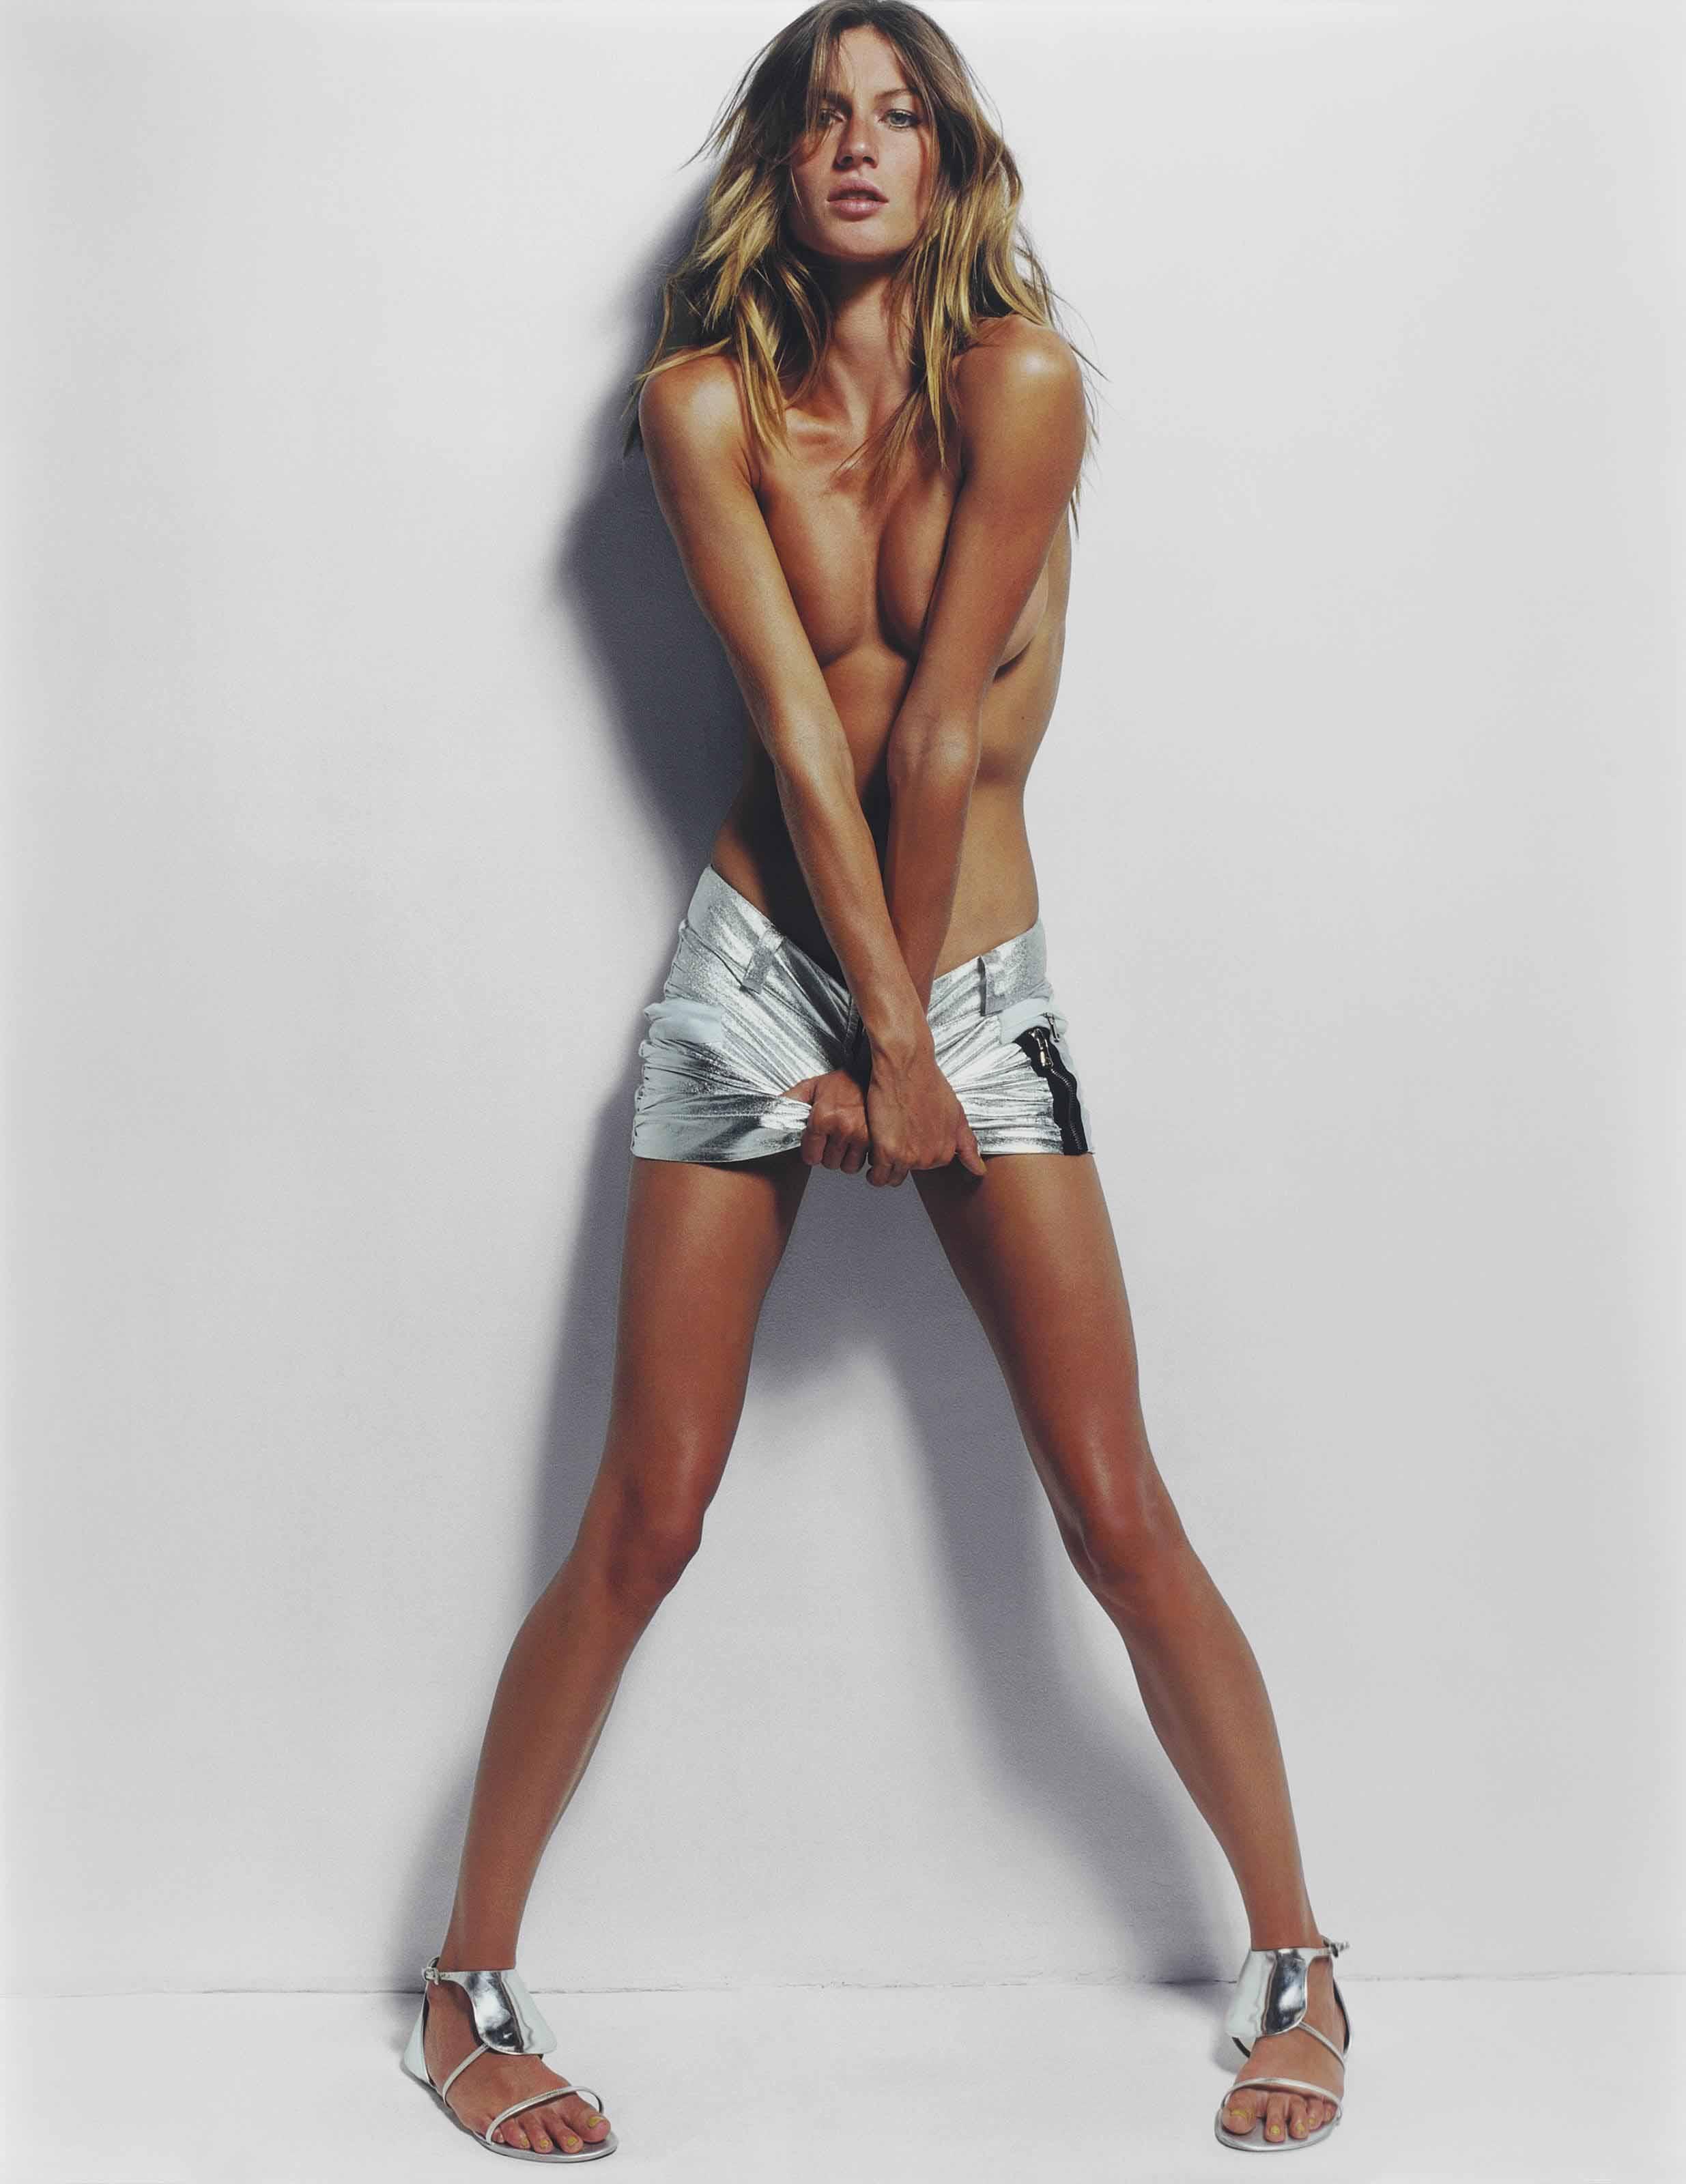 Gisele II, Paris Vogue, 2002